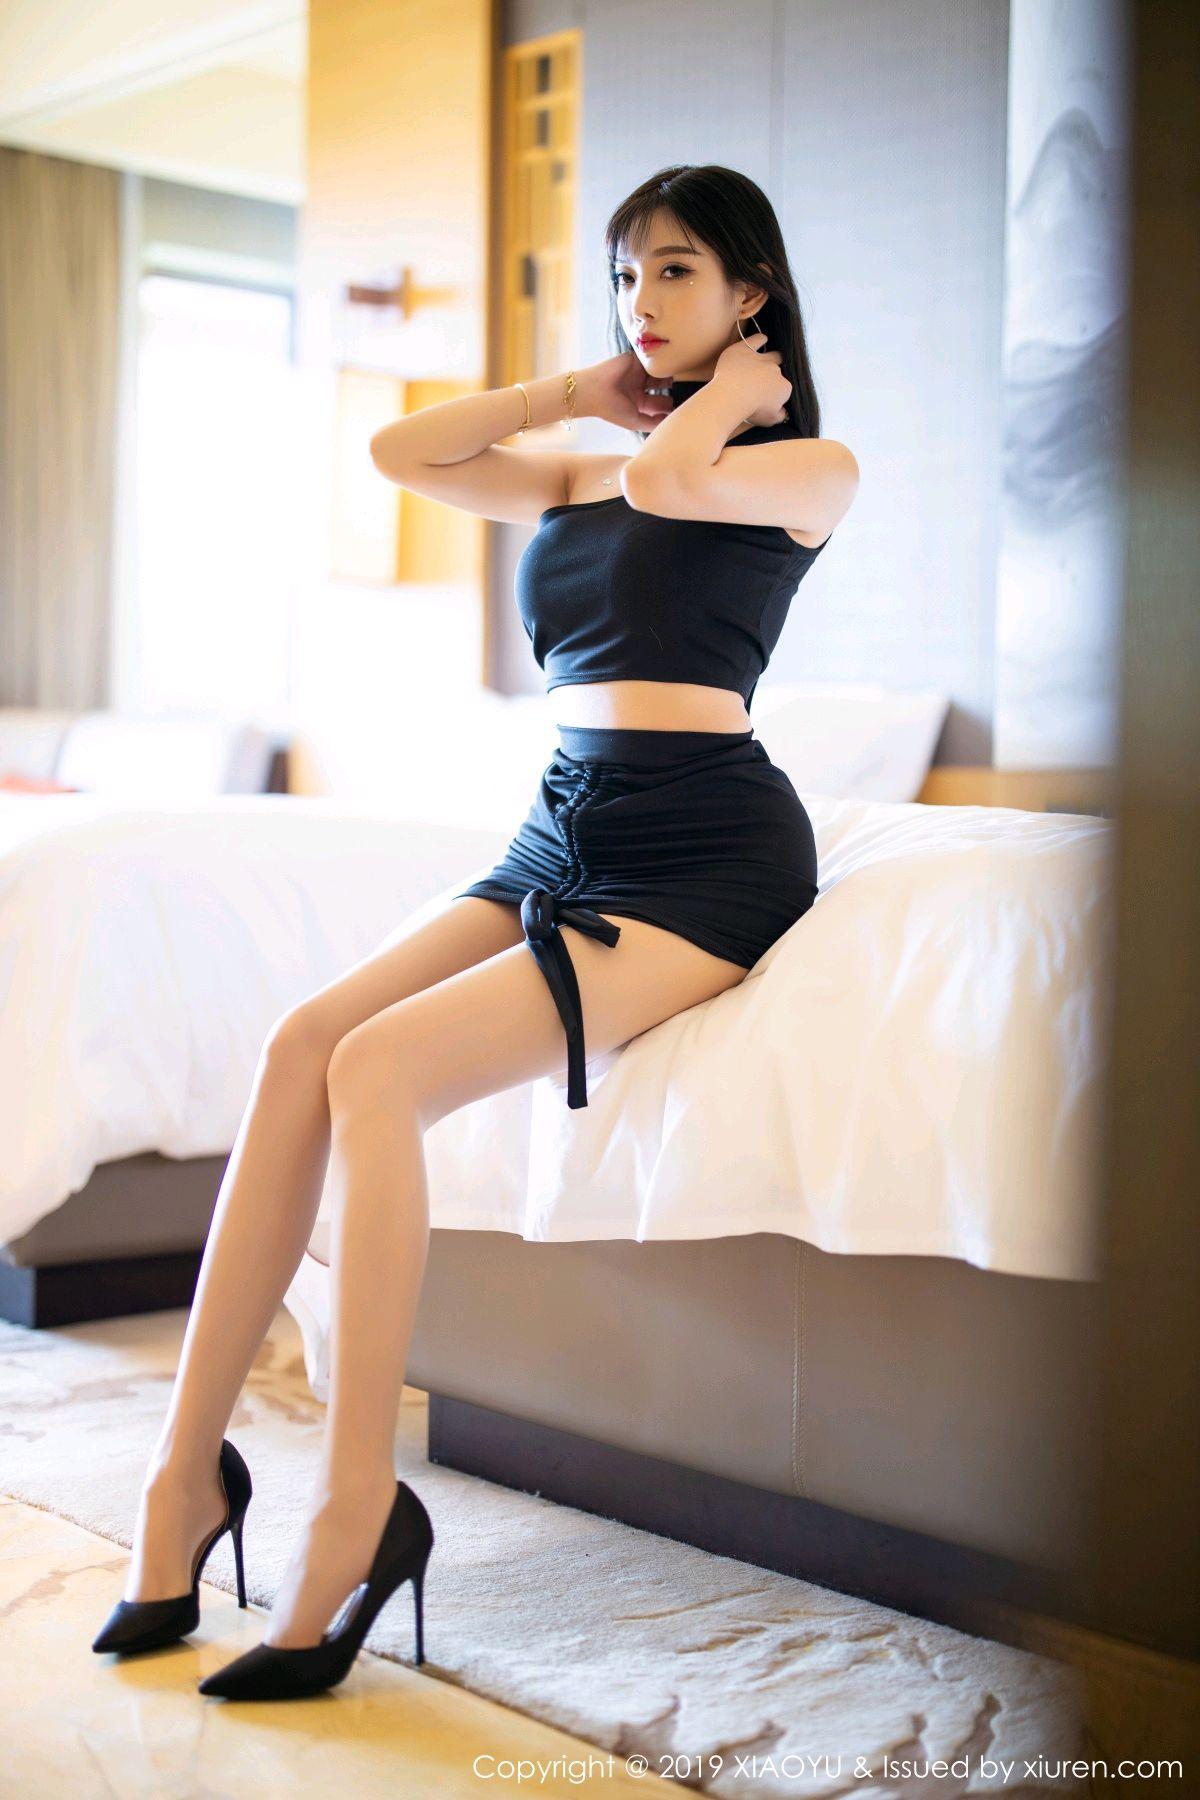 [XiaoYu] Vol.134 Yang Chen Chen 4P, Tall, Underwear, XiaoYu, Yang Chen Chen